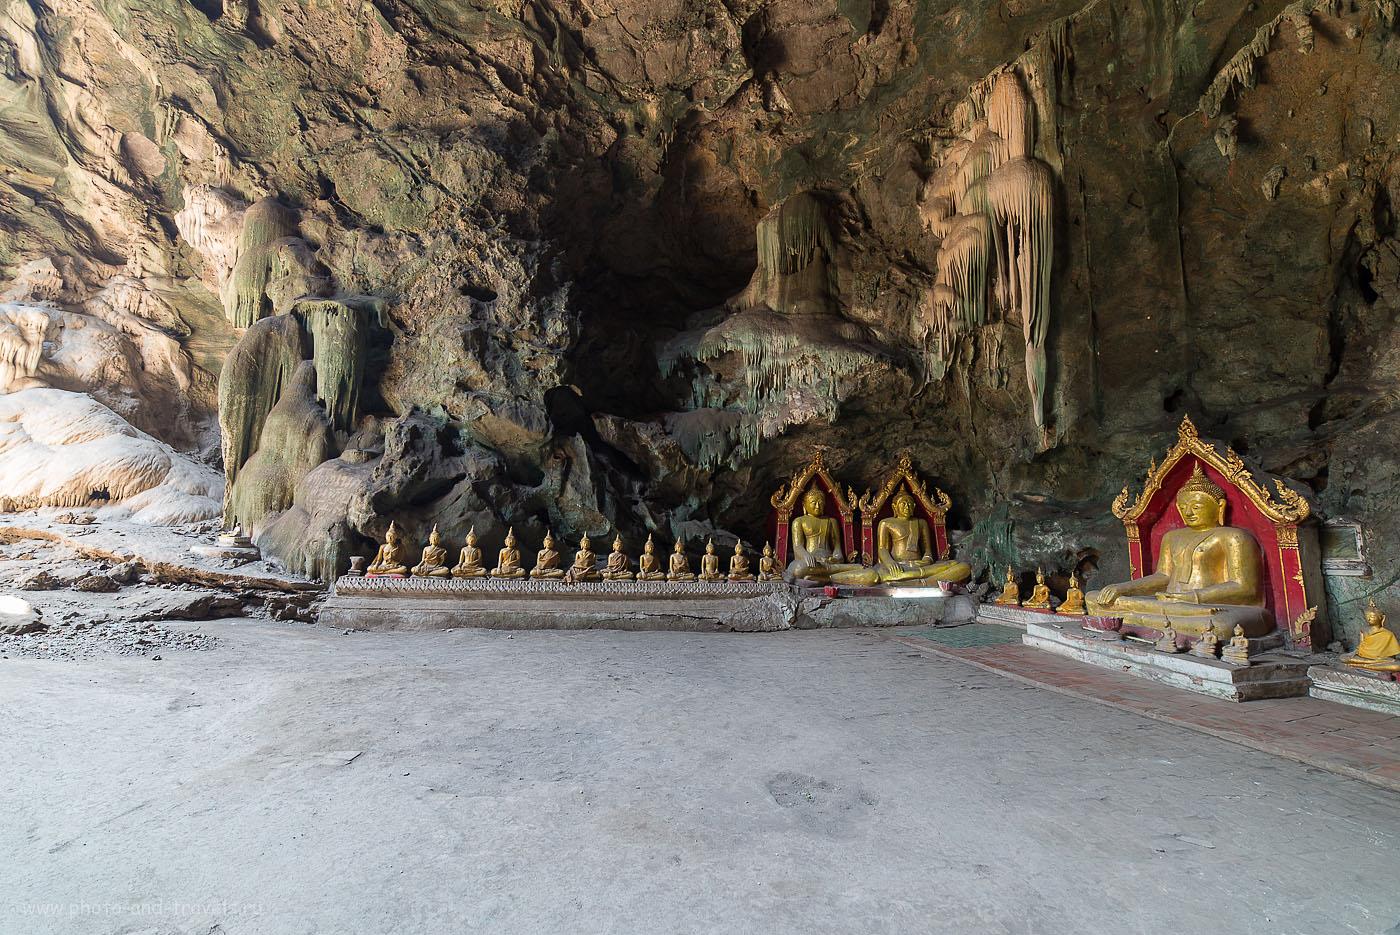 Фотография 20. Пещеры Луанг, снята одним кадром (100, 14, 5.6, 0.8, трипод). Отзыв об экскурсиях в Таиланде. Что посмотреть самостоятельно